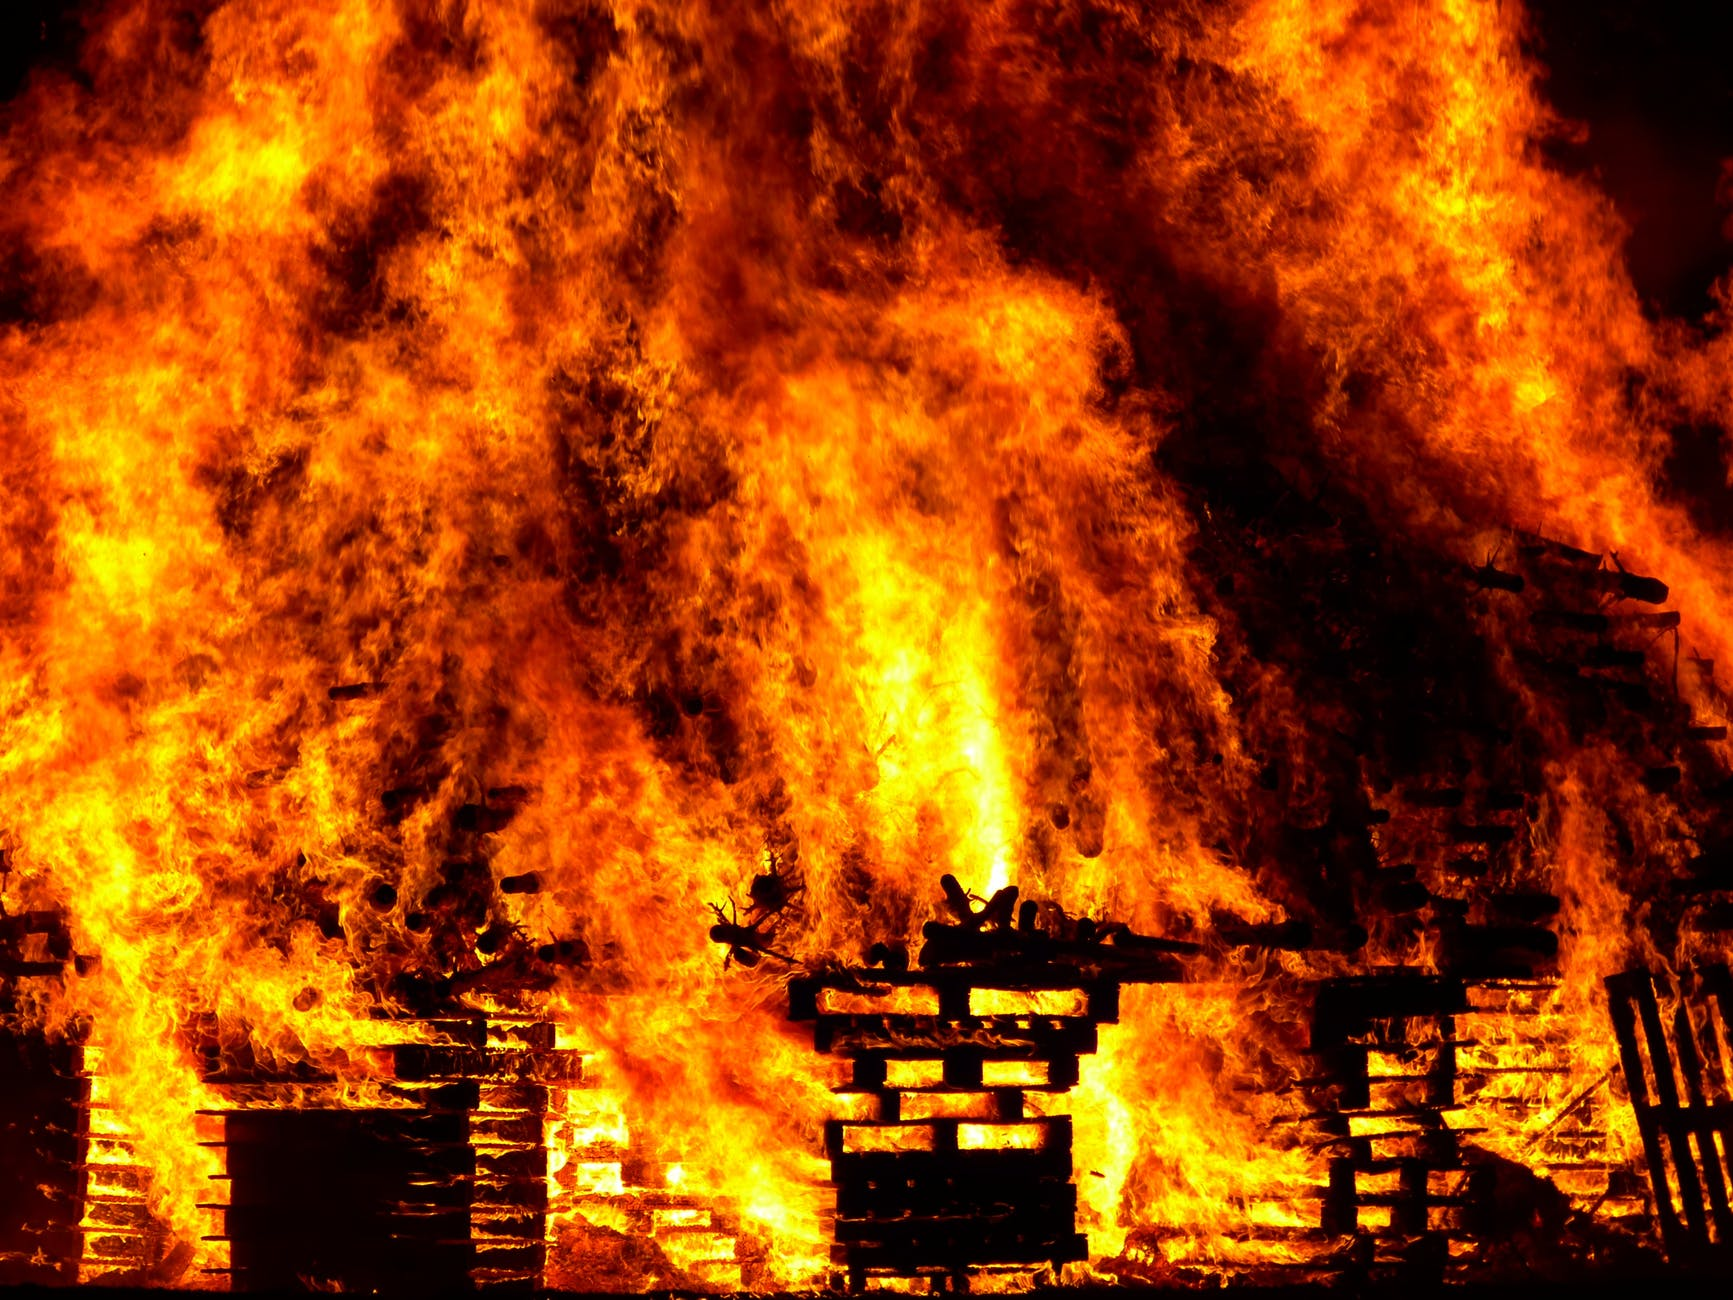 fire warm radio flame